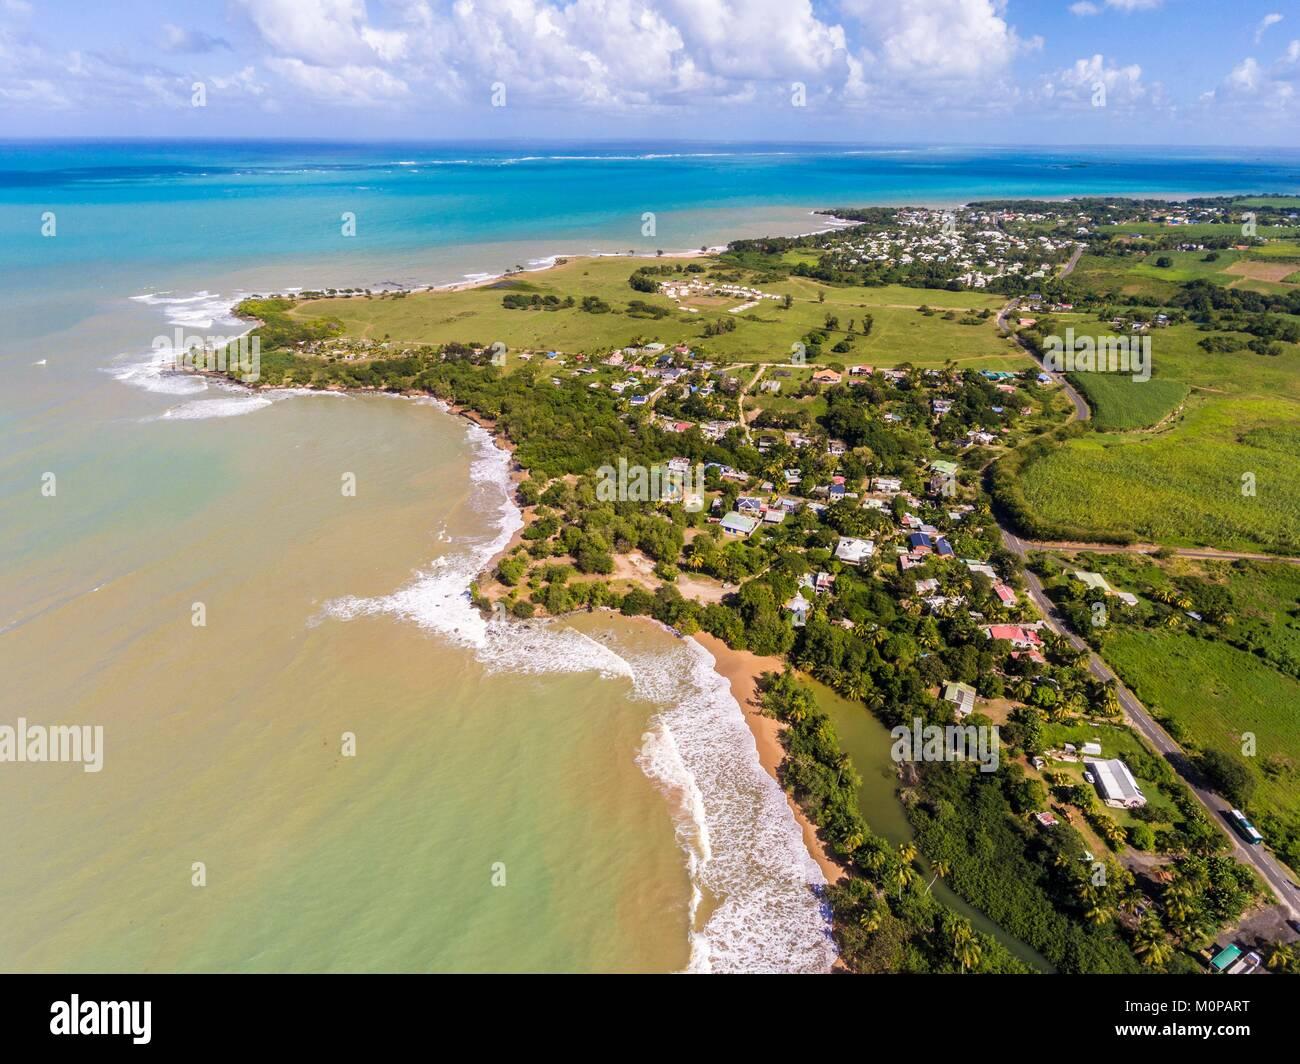 France,Caraïbes Petites Antilles, la Guadeloupe, Basse-Terre,,Sainte-Rose,vue aérienne de la plage de Photo Stock